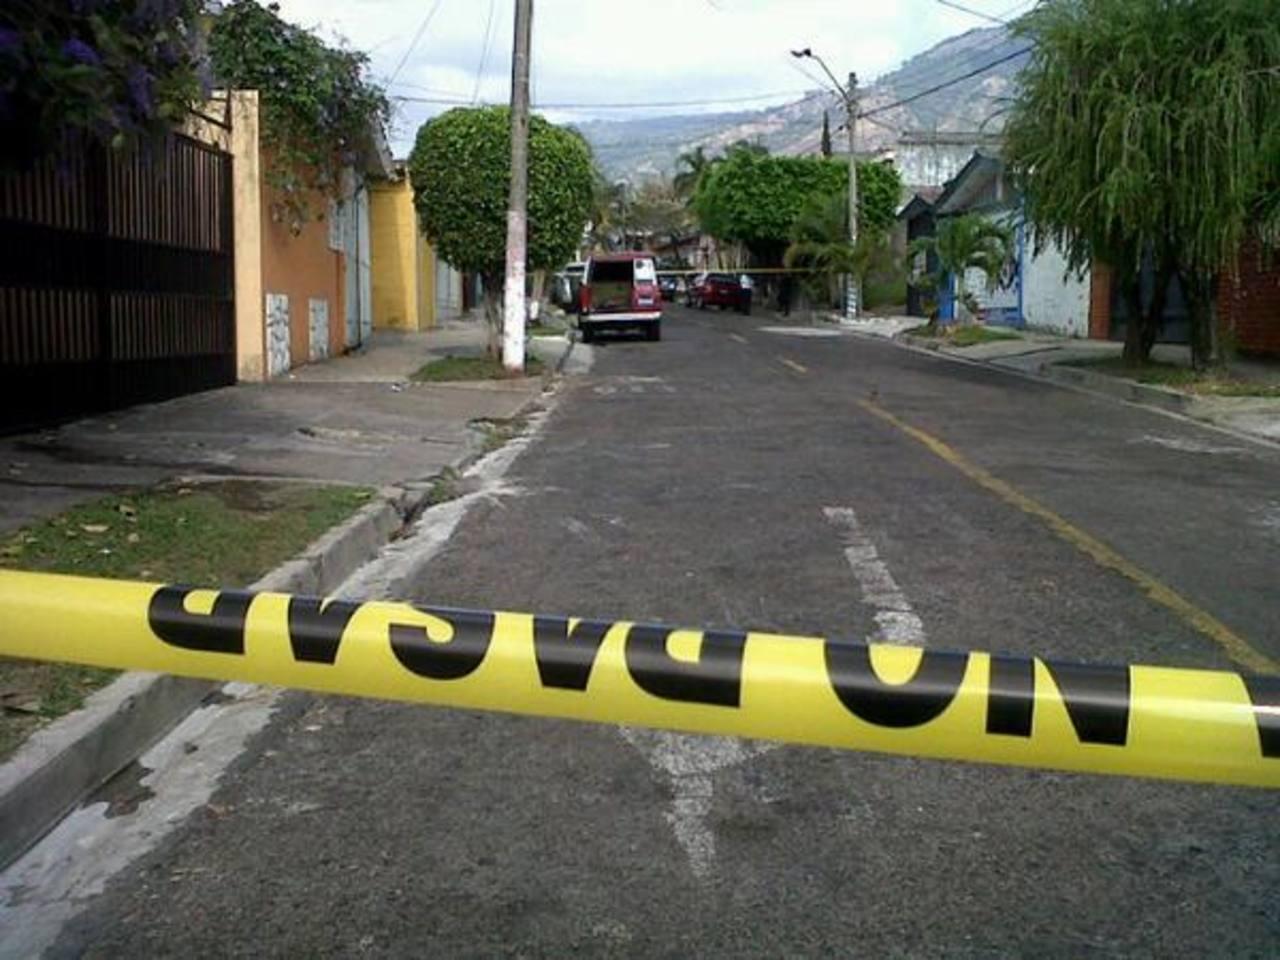 Un hombre fue lesionado de bala esta mañana en la colonia Satélite, San Salvador. Foto vía Twitter jaime Anaya